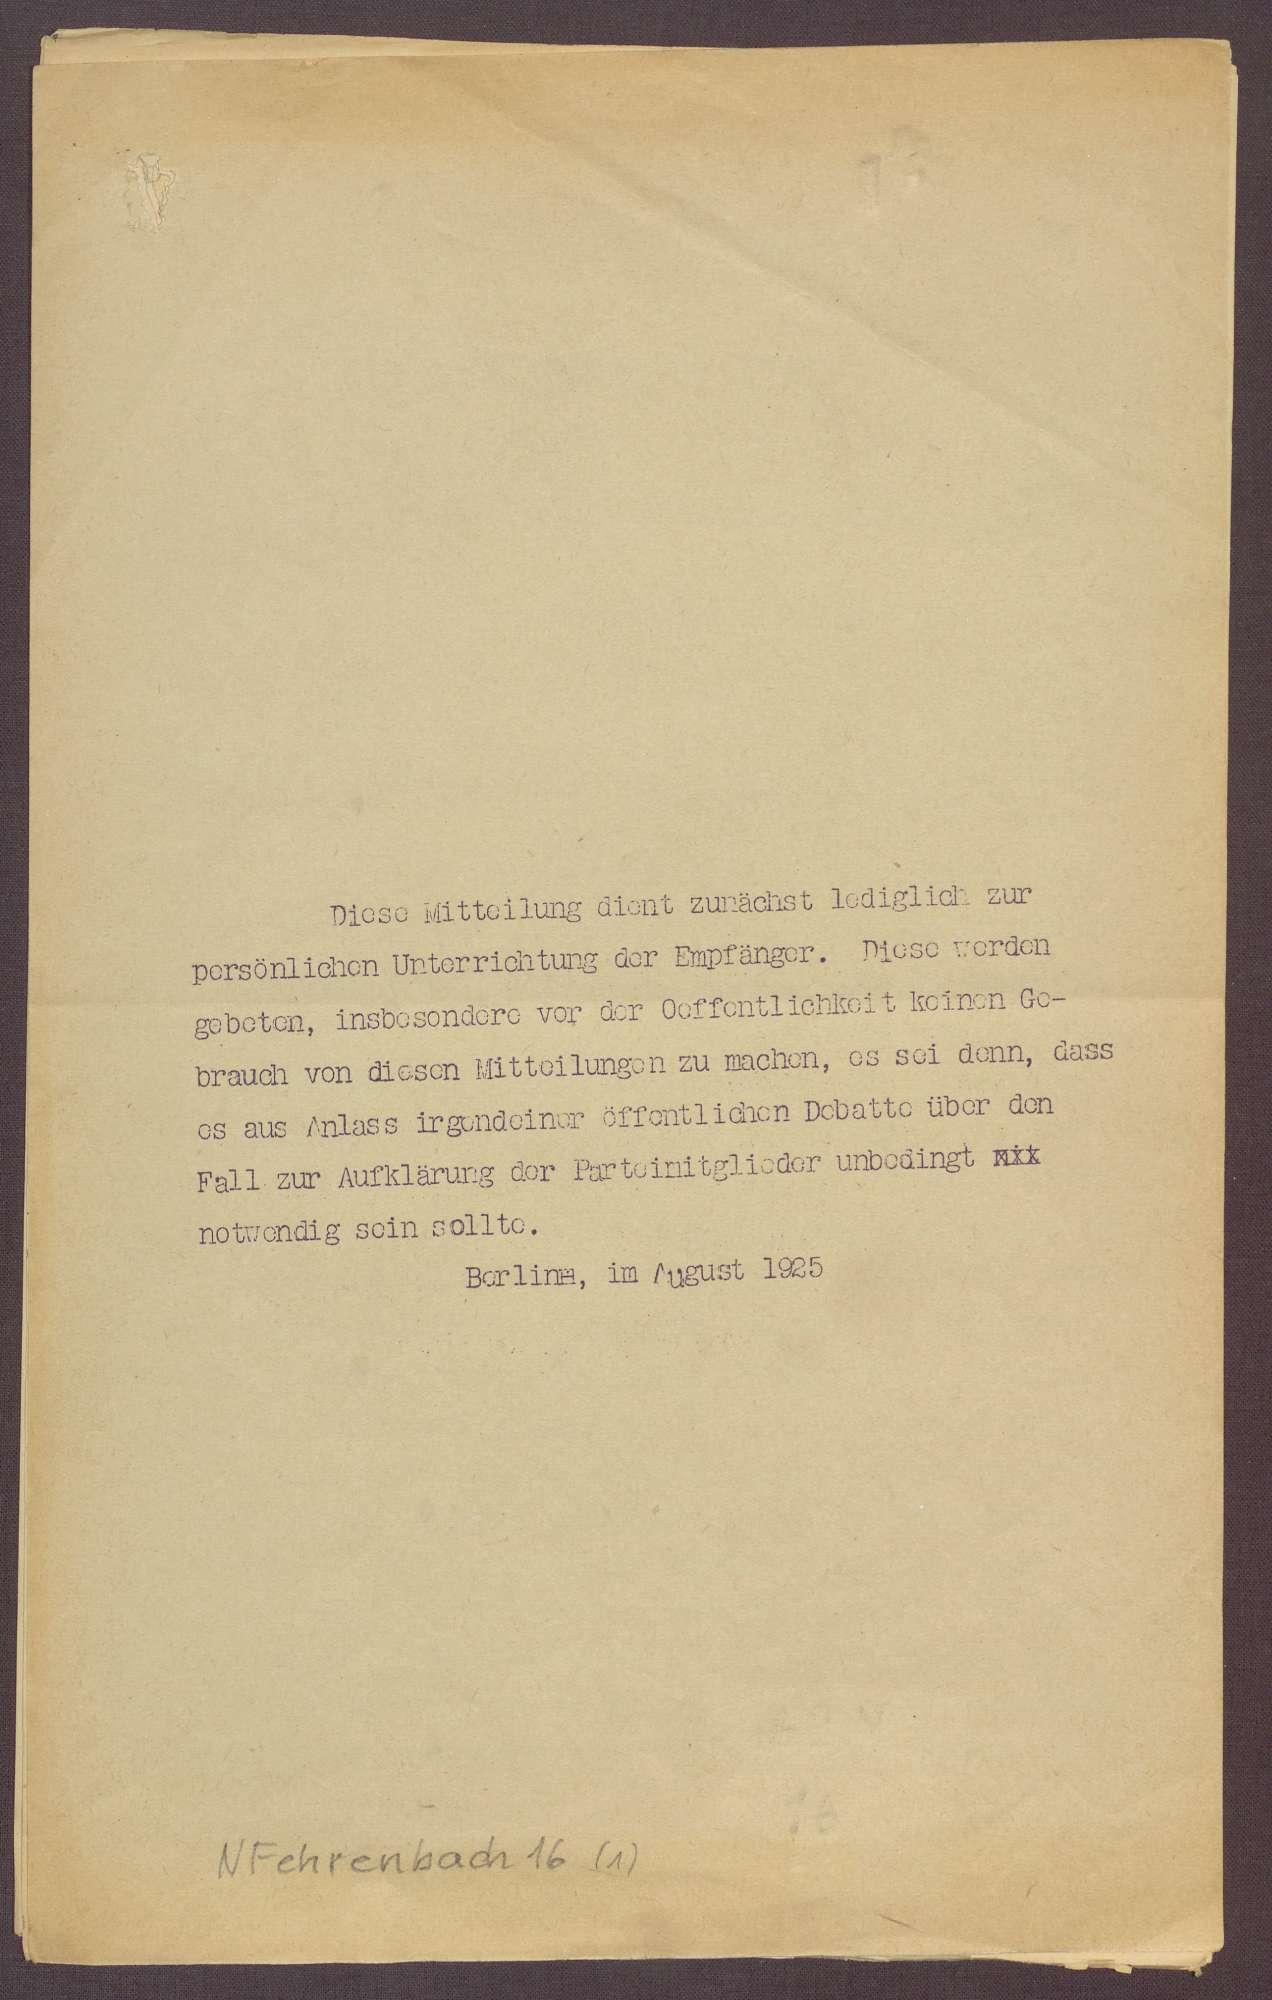 Fraktionsaustritt von Joseph Wirth und Zollvorlage der Regierung, Bild 1